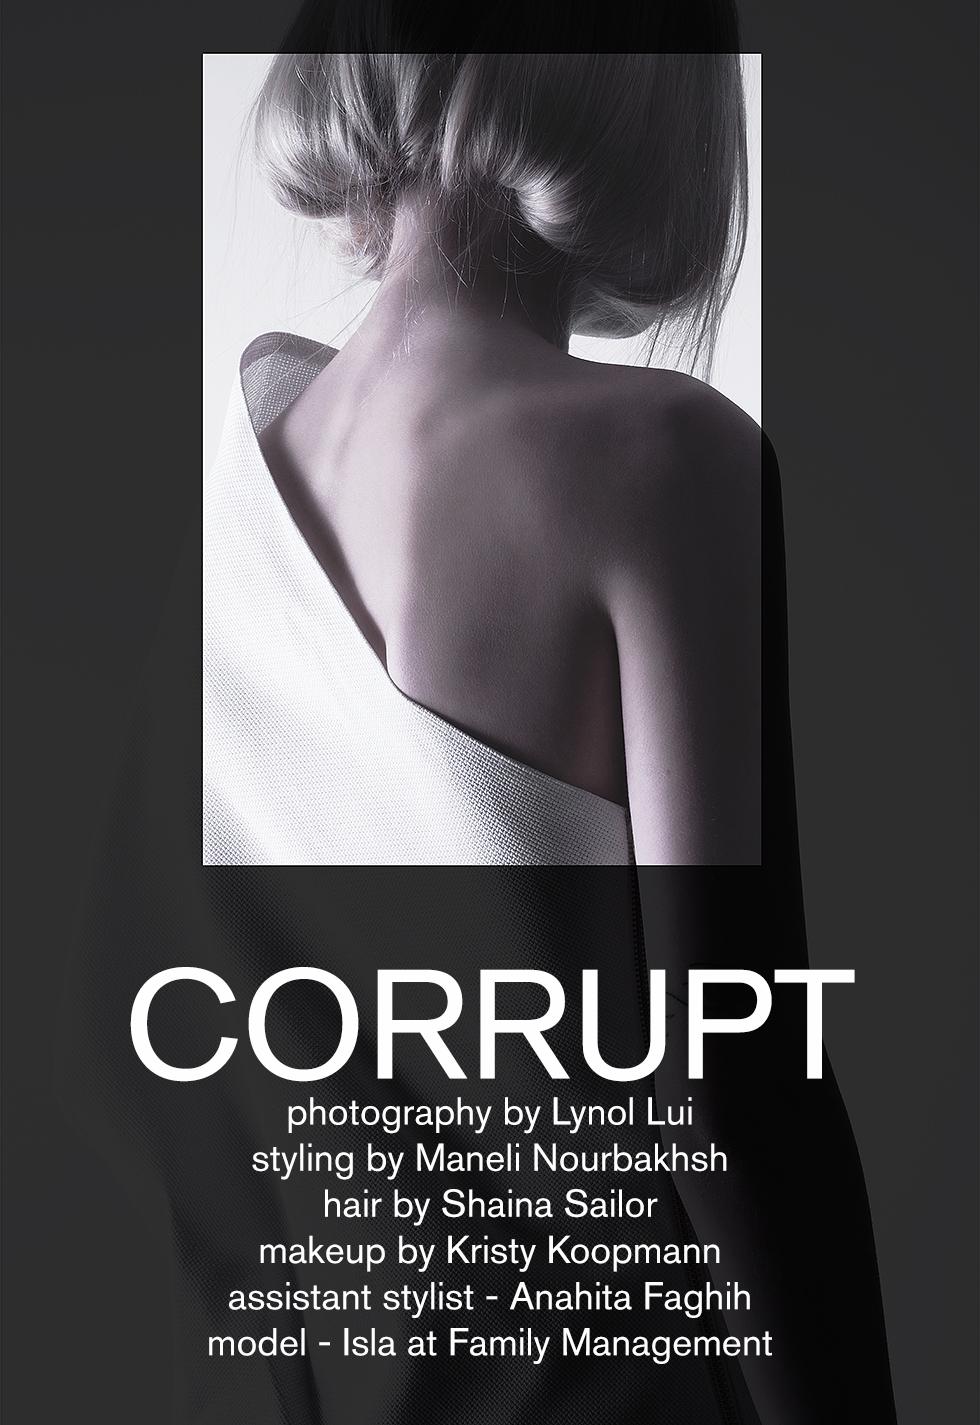 corrupt-lynol-lui